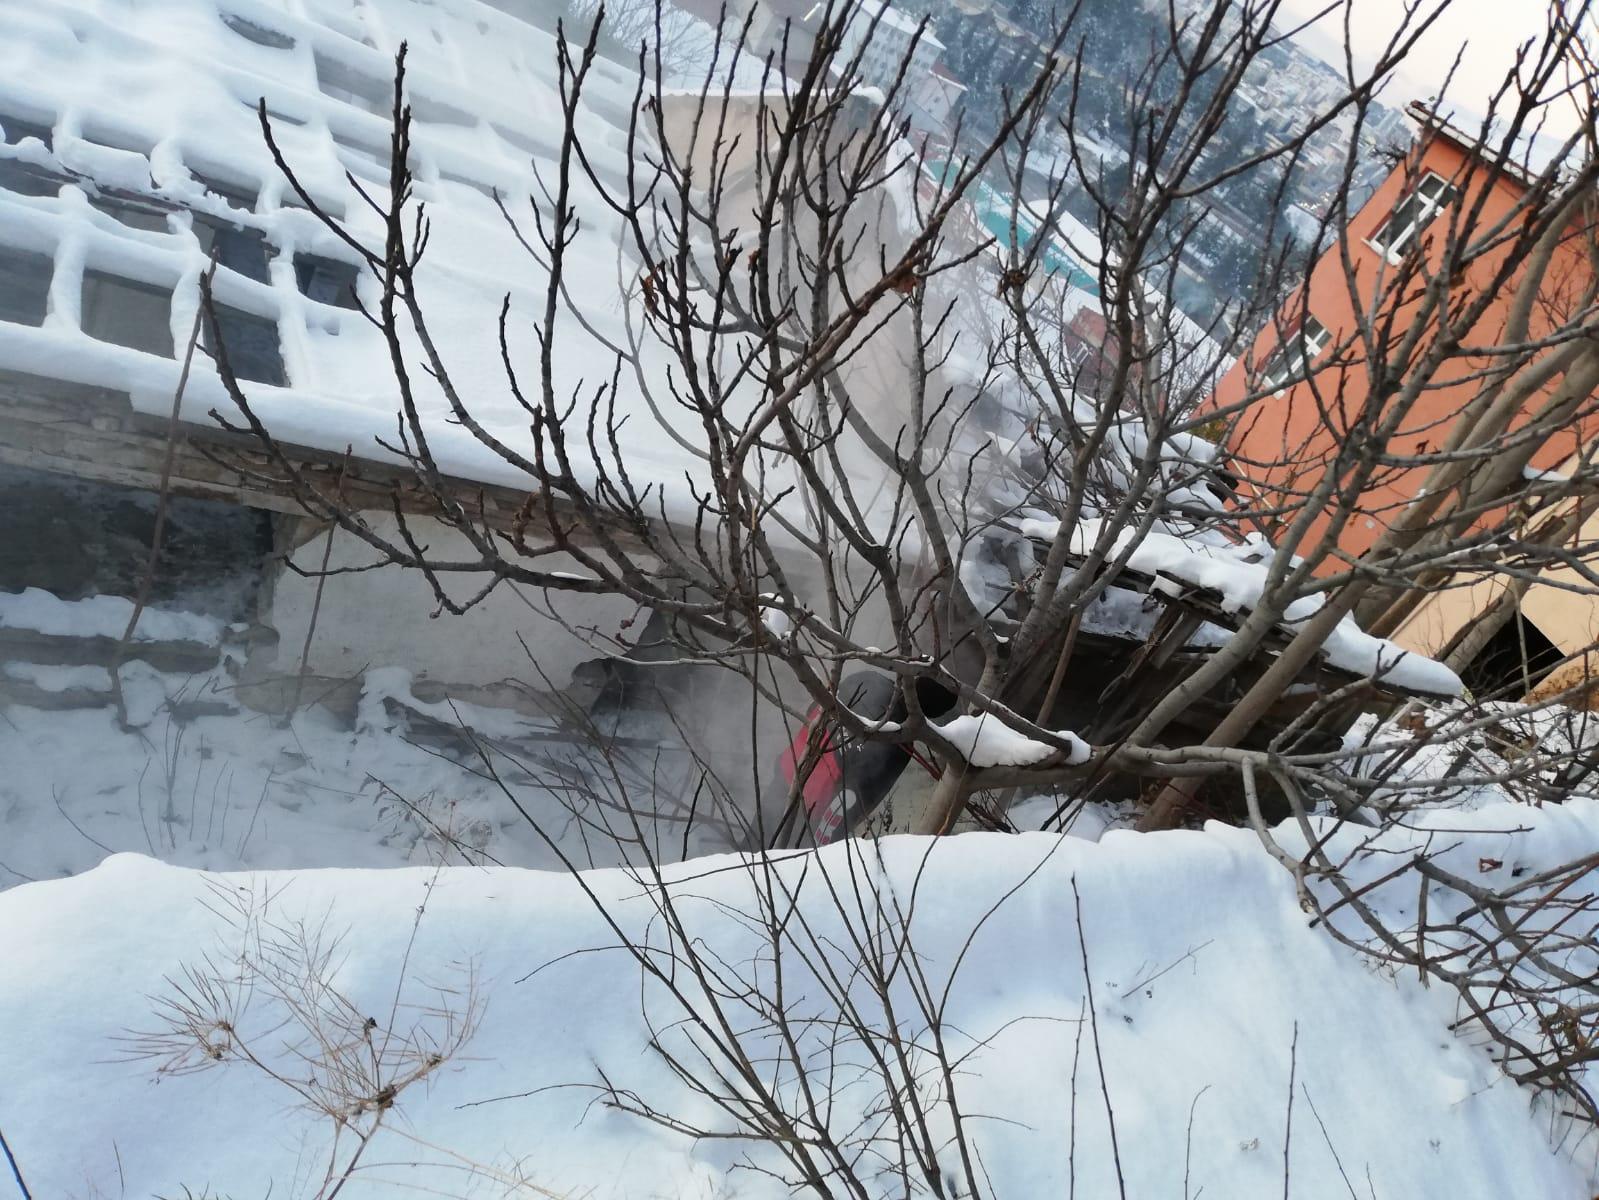 Bilecikte Metruk Evde Çıkan Yangın Söndürüldü